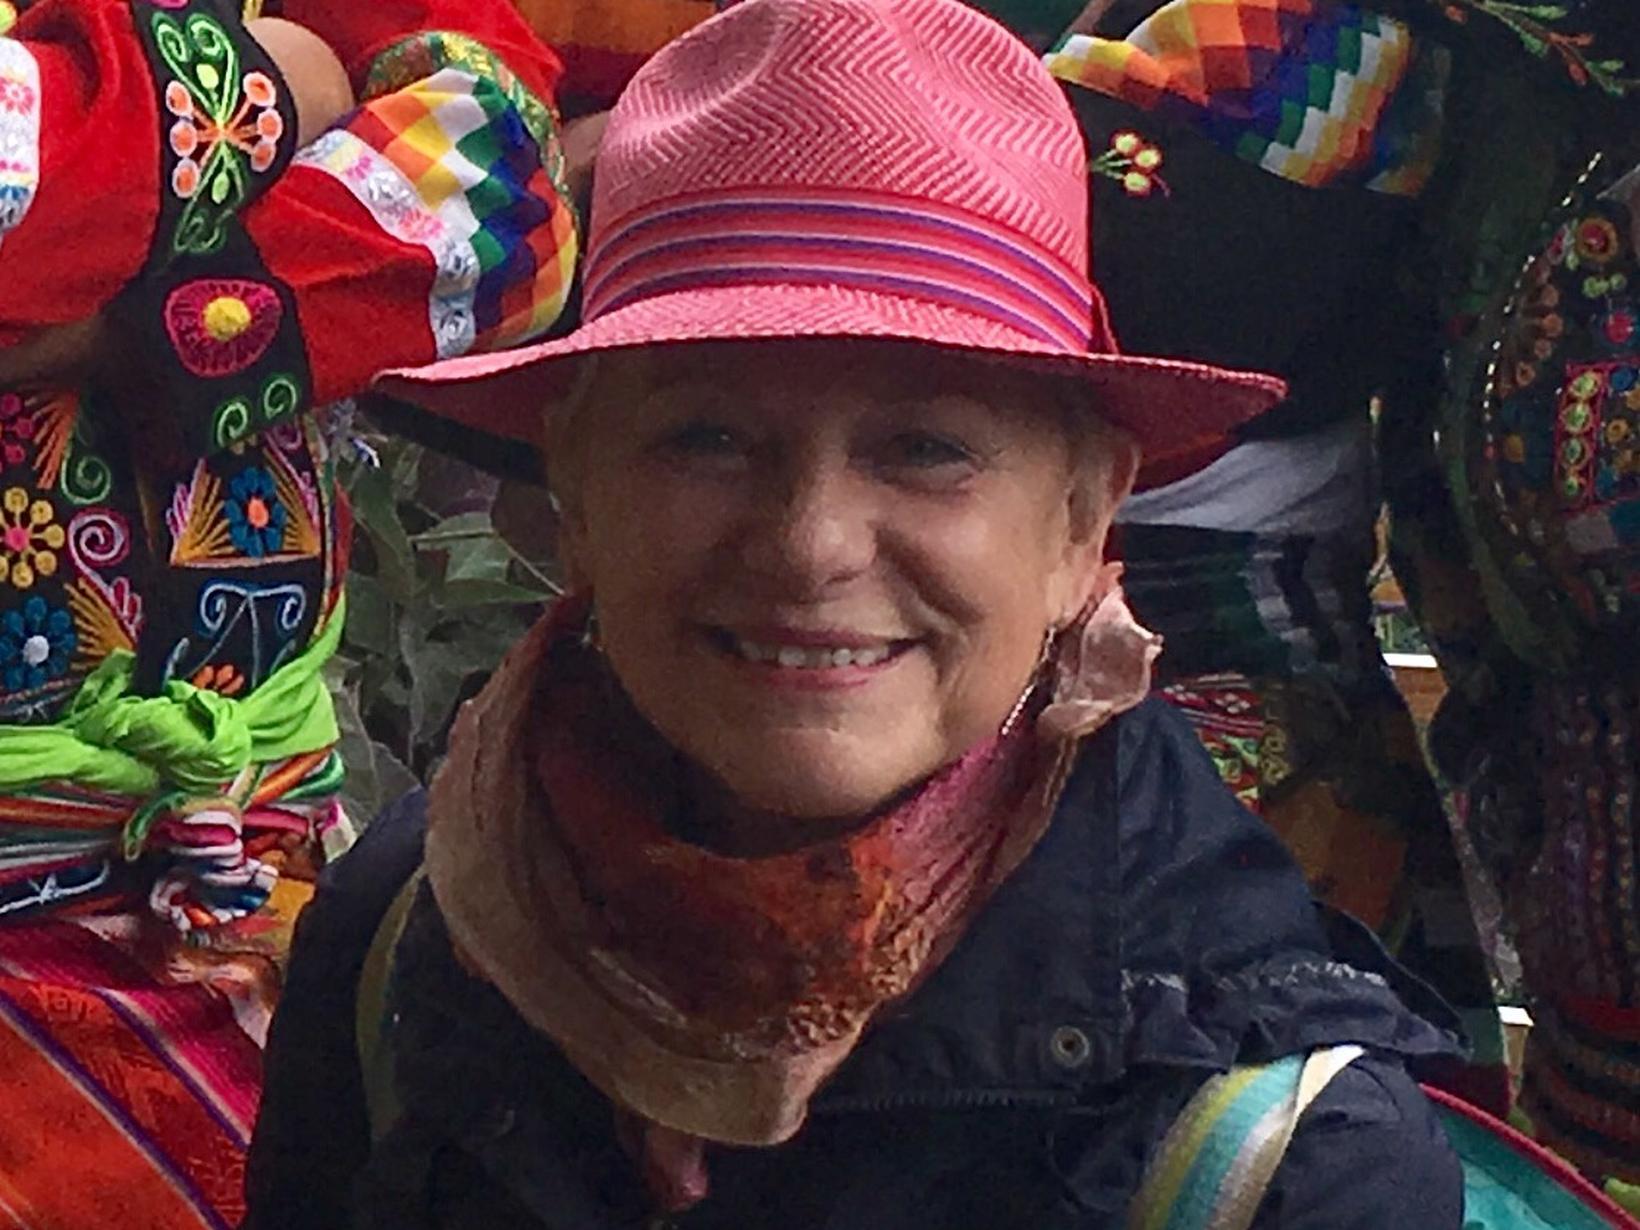 Jolenr from Cuenca, Ecuador